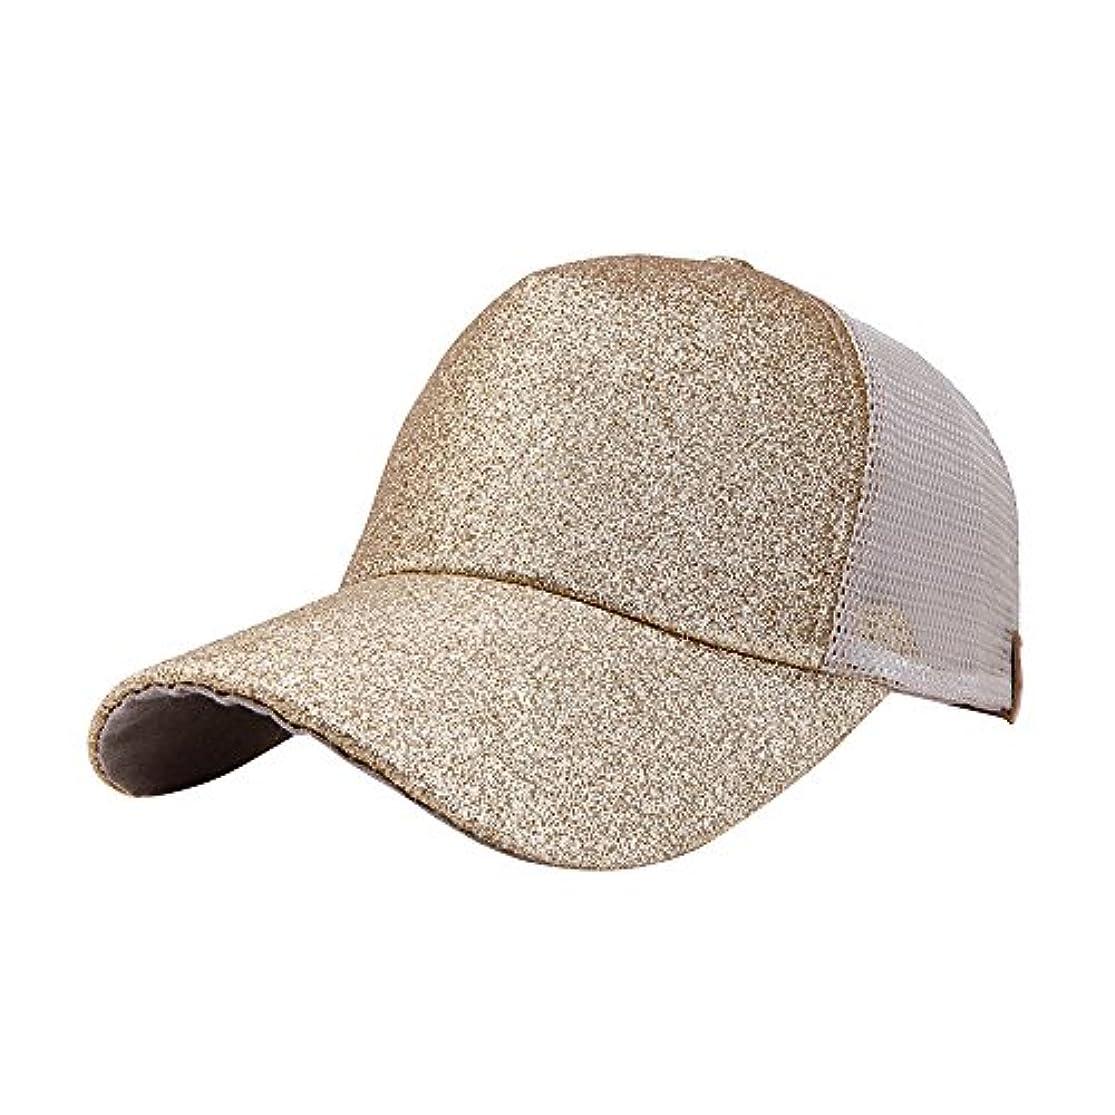 判読できない危険を冒します台風Racazing Cap スパンコール 無地 メッシュ 野球帽 通気性のある ヒップホップ 帽子 夏 登山 可調整可能 棒球帽 男女兼用 UV 帽子 軽量 屋外 Unisex Cap (ゴールド)